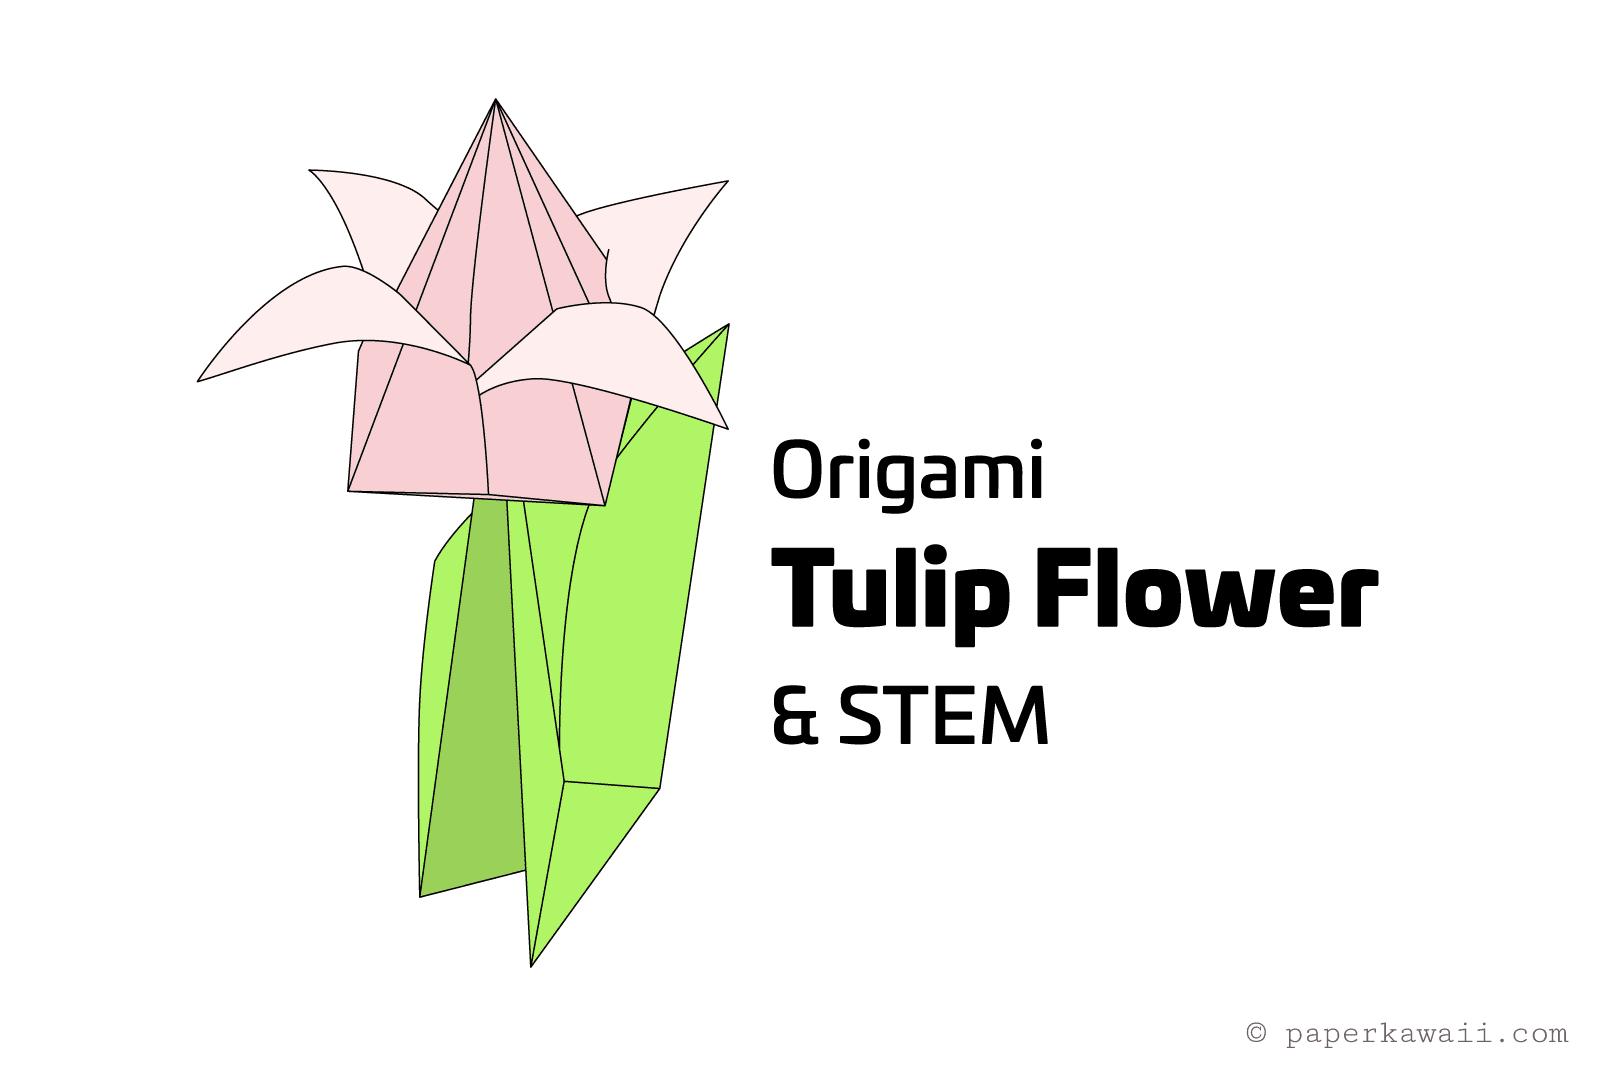 Origami tulip and stem illustration